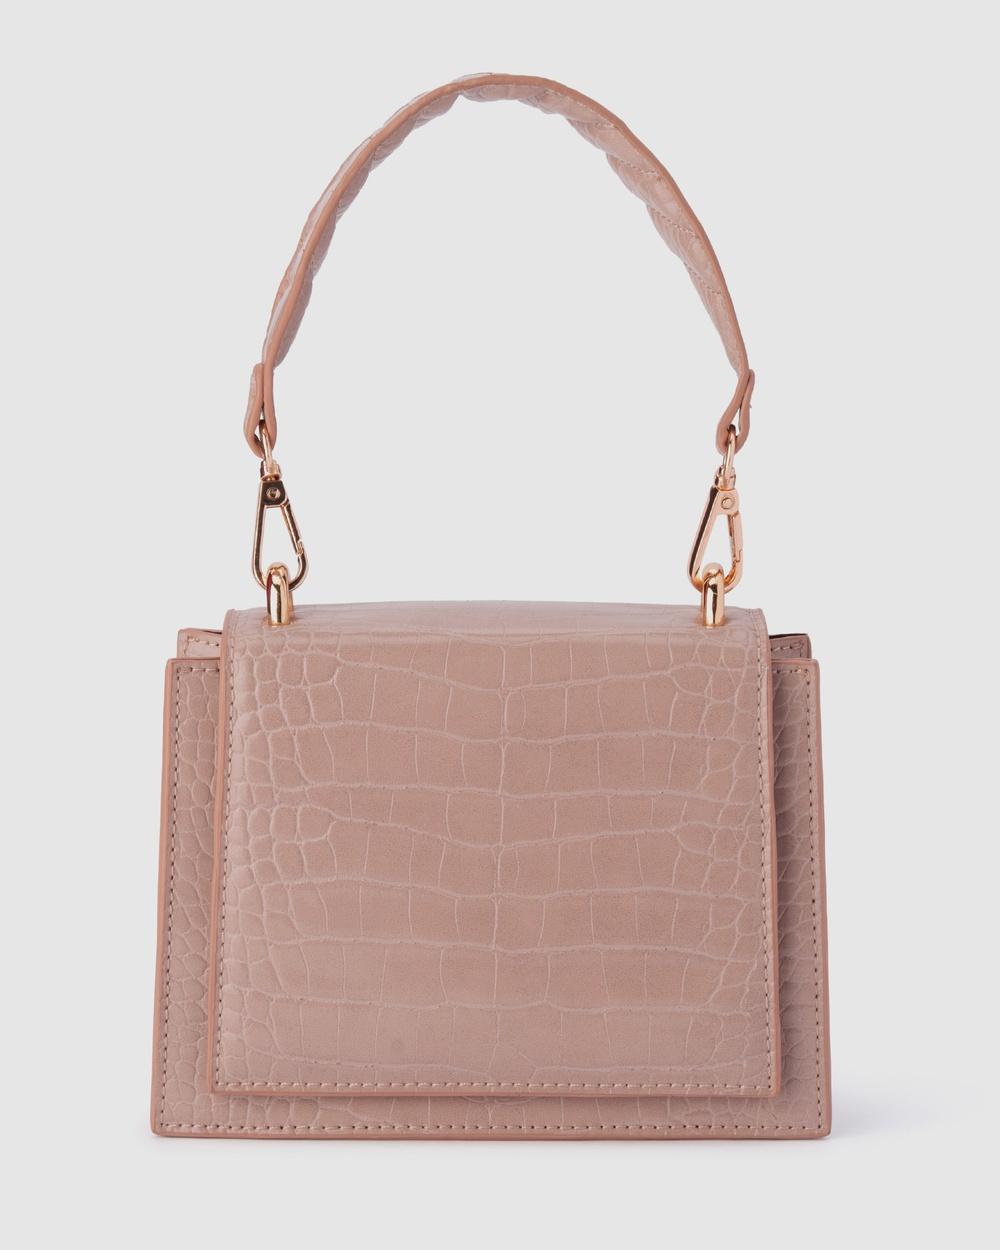 Olga Berg Molli Croc Embossed Top Handle Bag Handbags Pink Handbags Australia